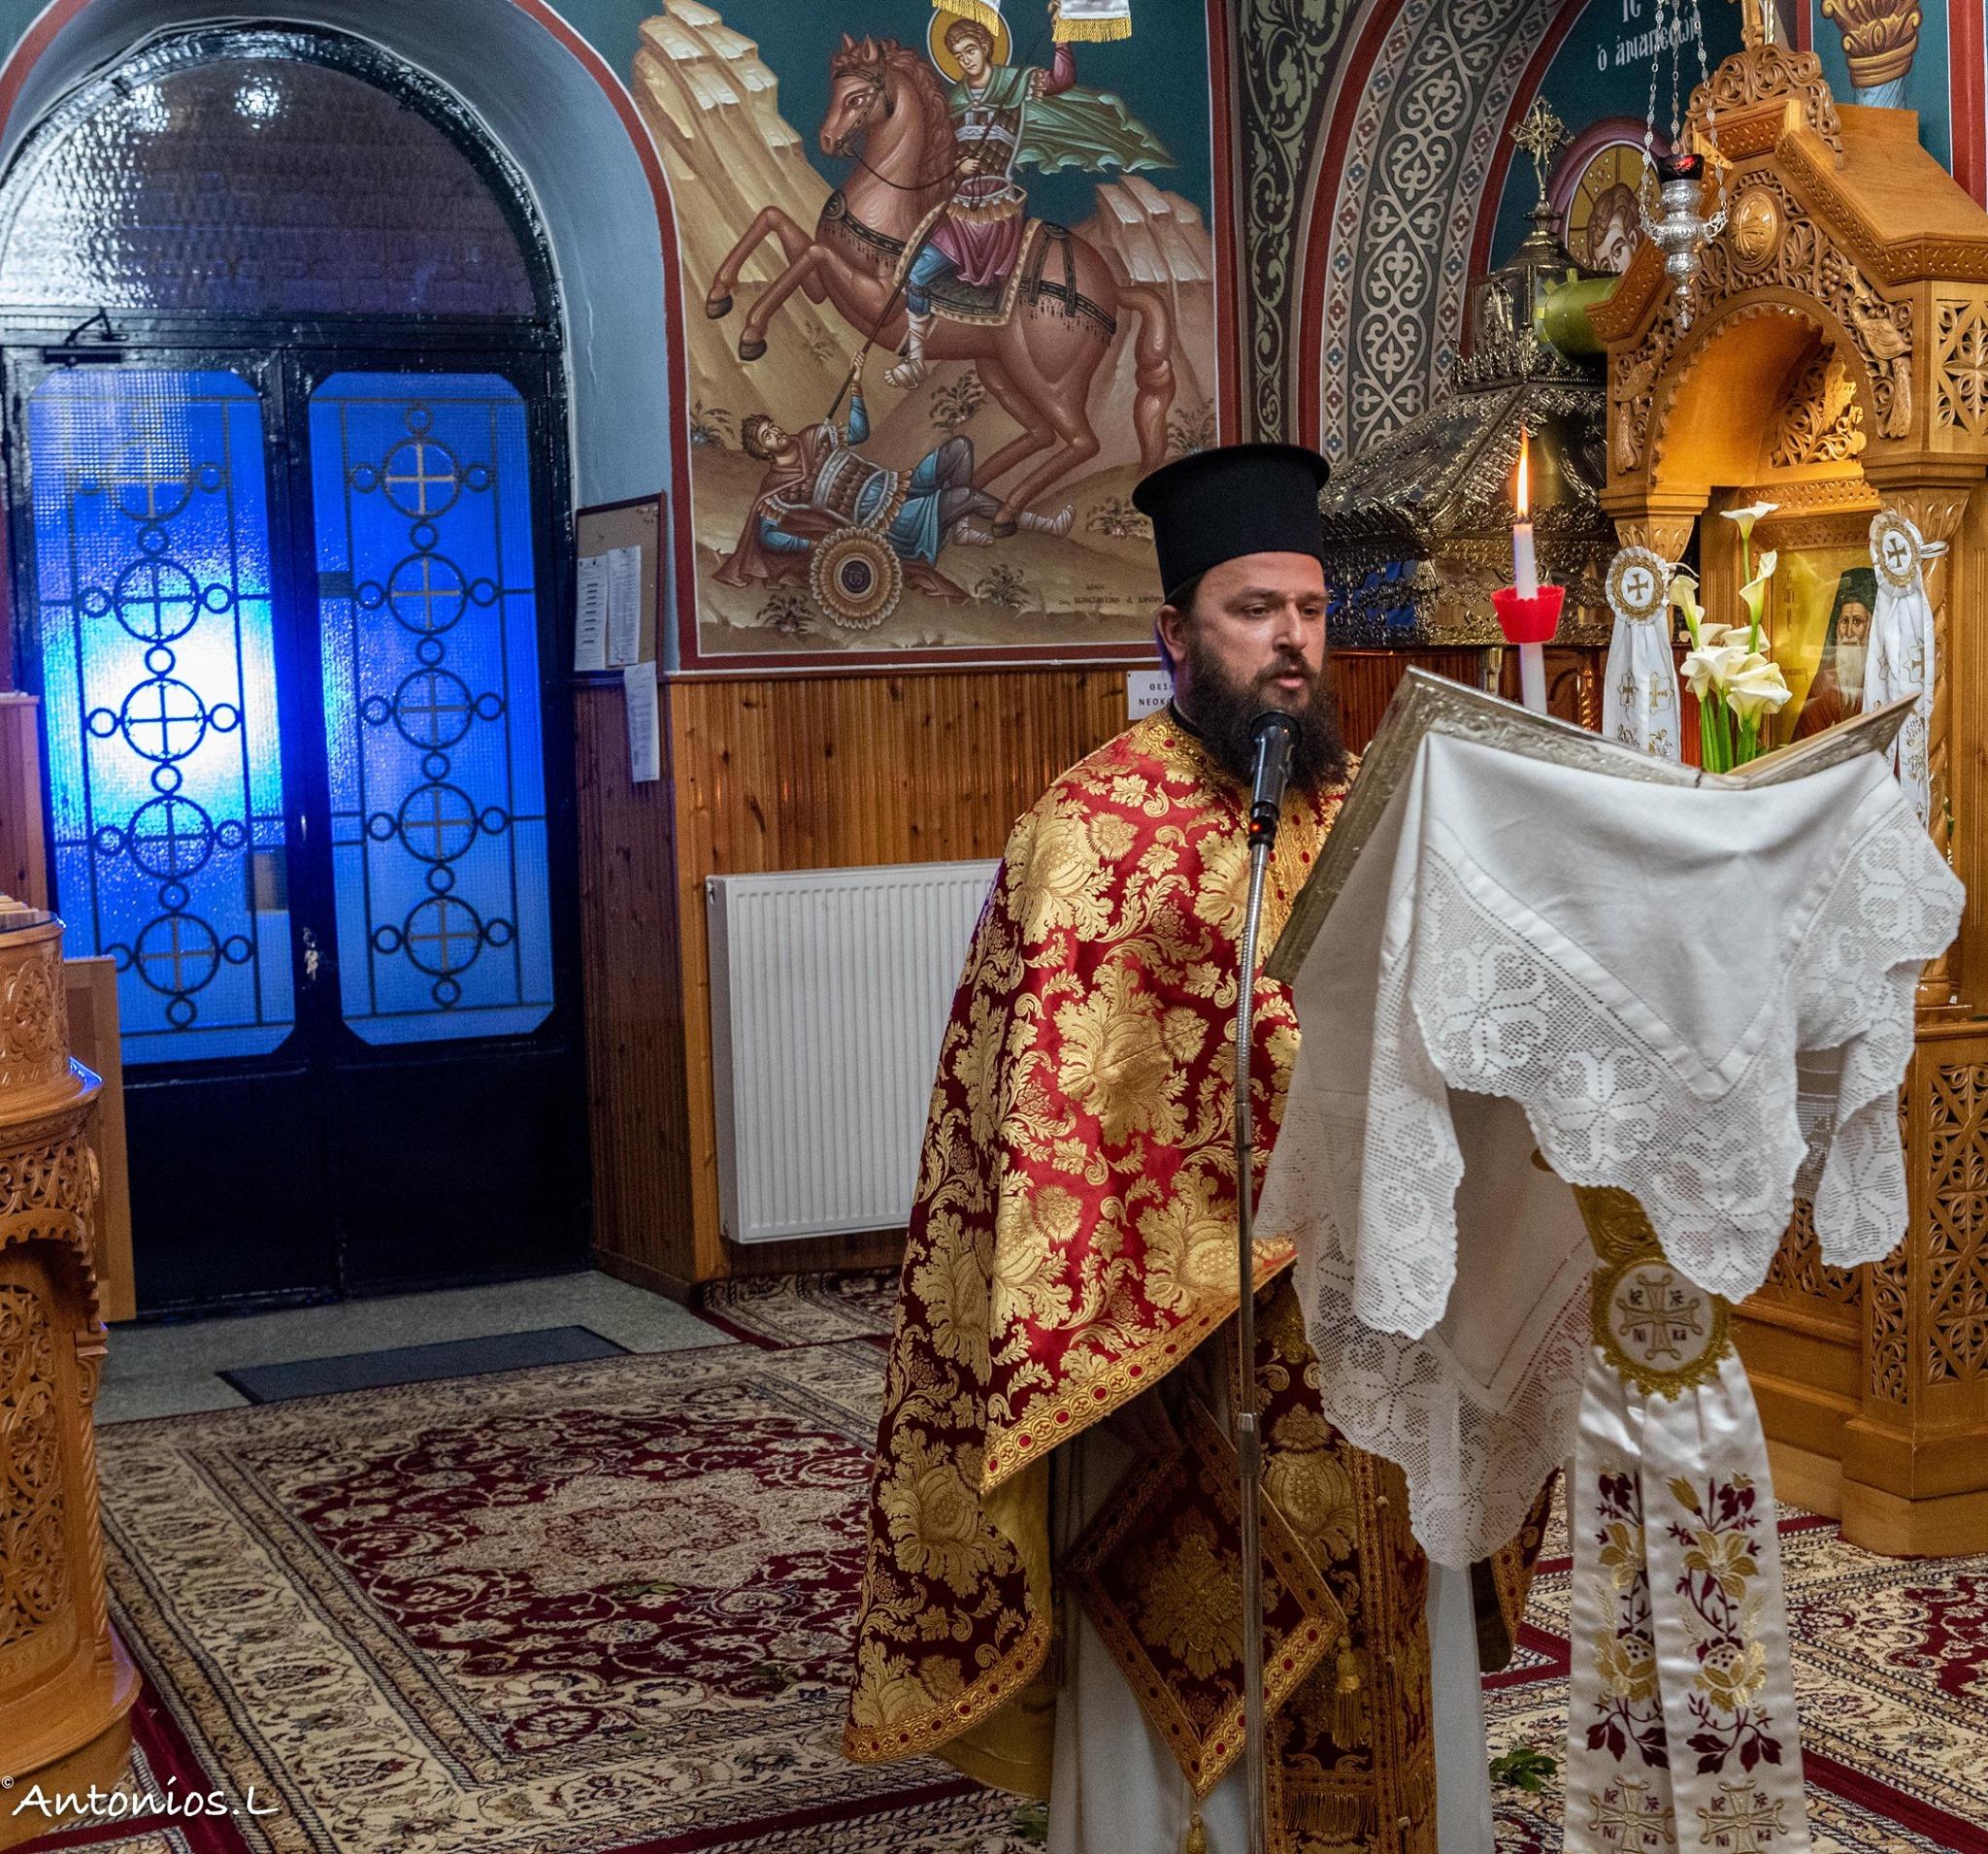 Η φωτογραφία είναι από τον ιερό ναό του Αγίου Δημητρίου στο χωριό Άγιος Ιωάννης Αλιβερίου. Πηγή φωτογραφίας: Αντώνιος Λάμπρου